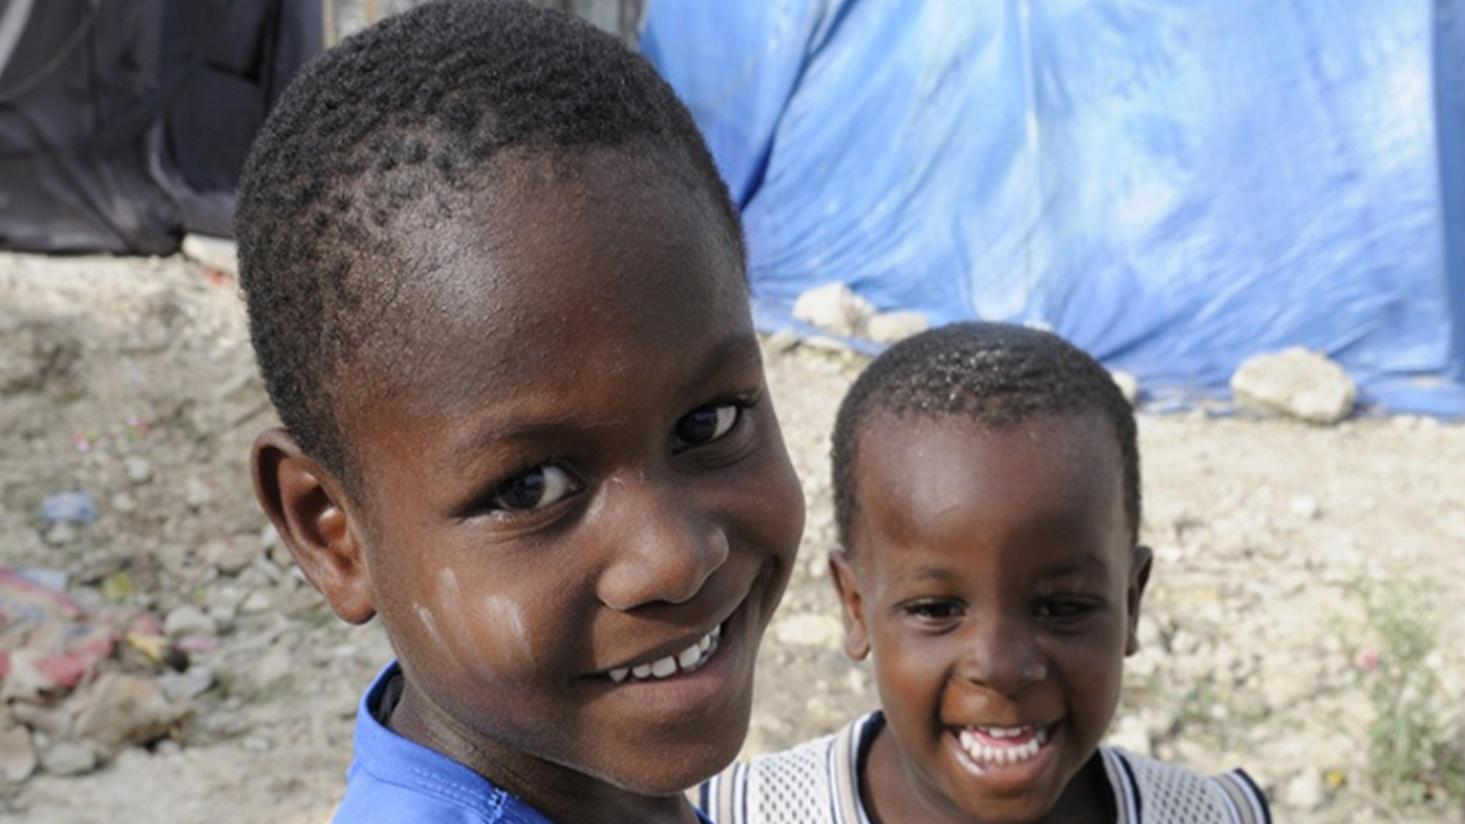 haiti-orphanage.jpg